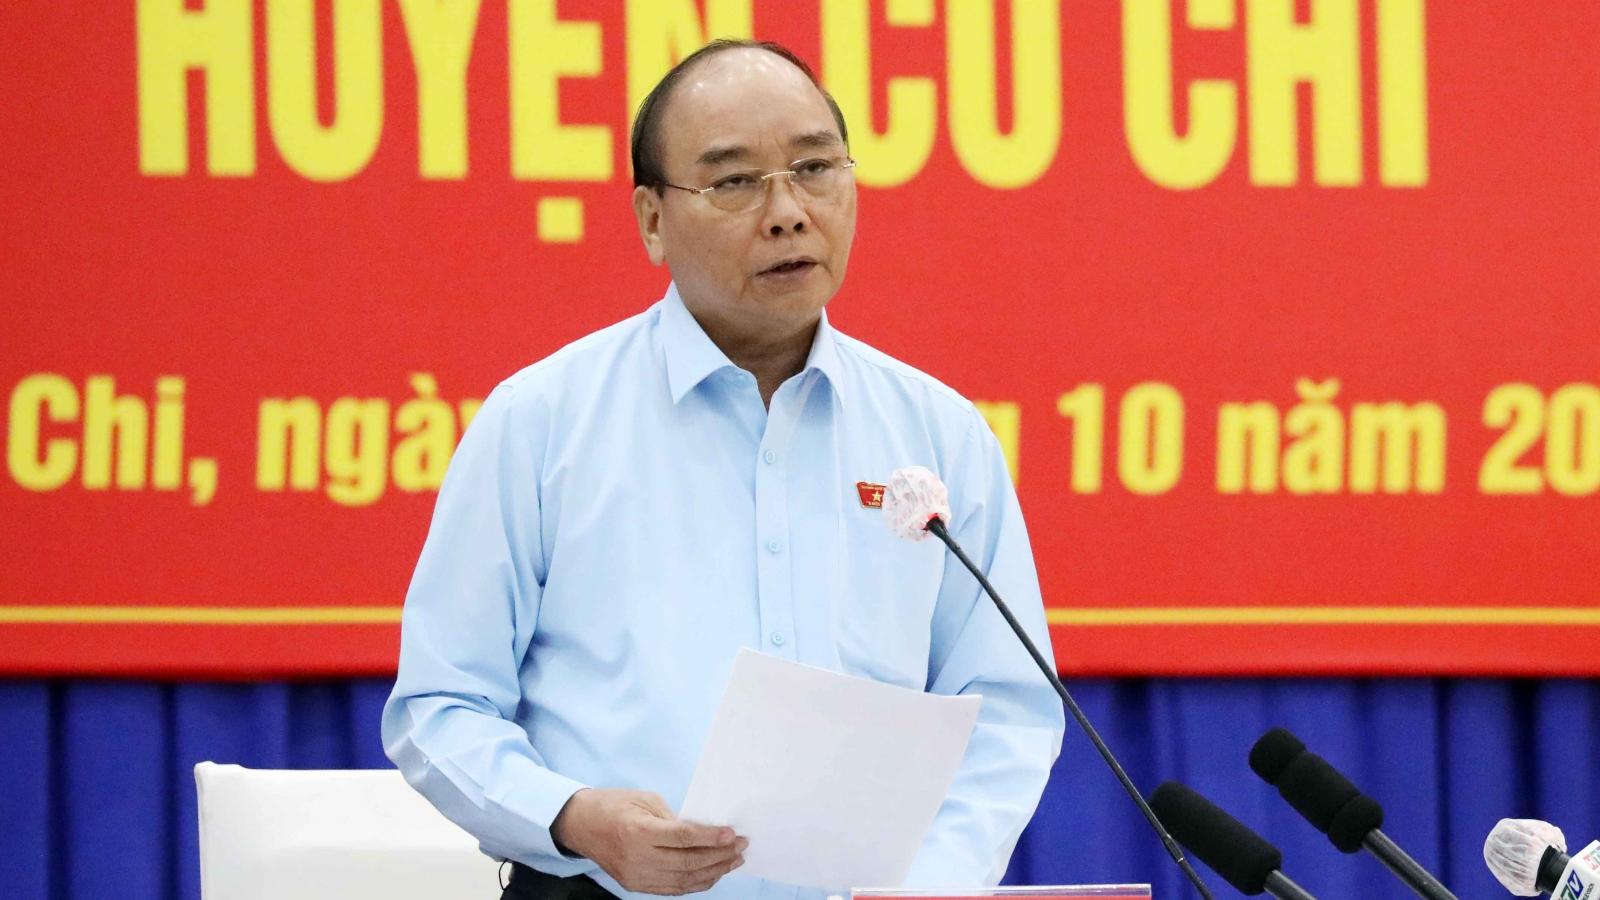 Chủ tịch nước: Pháo đài không phải là biệt lập, ngăn sông, cấm chợ